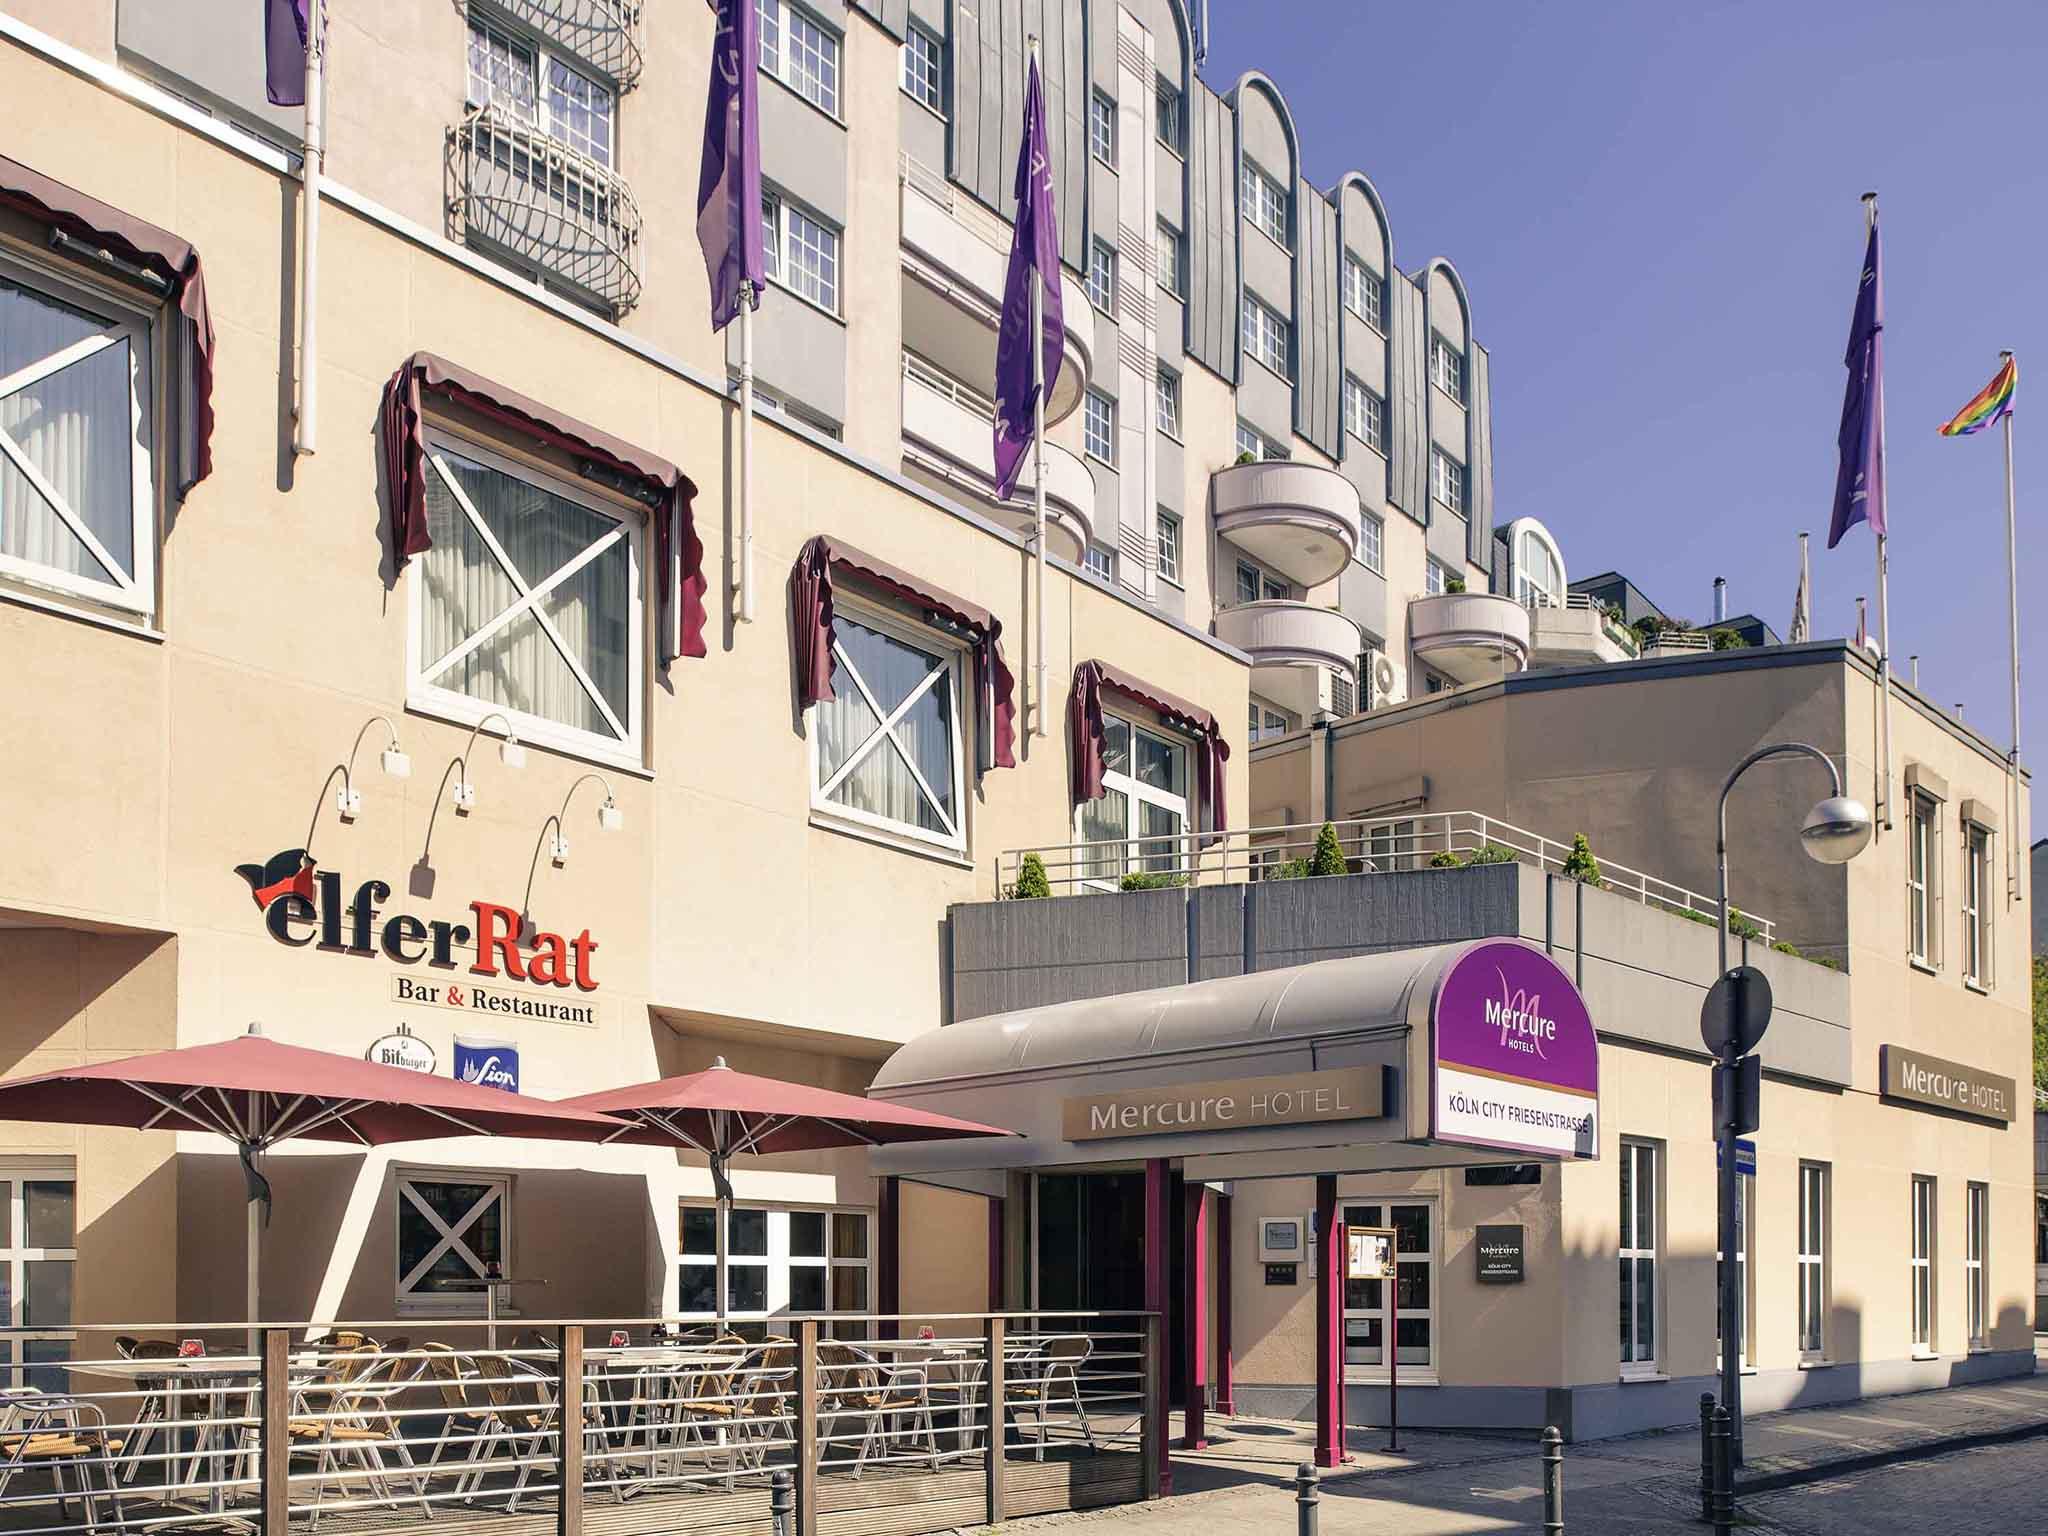 Hotel – Mercure Hotel Koeln City Friesenstrasse